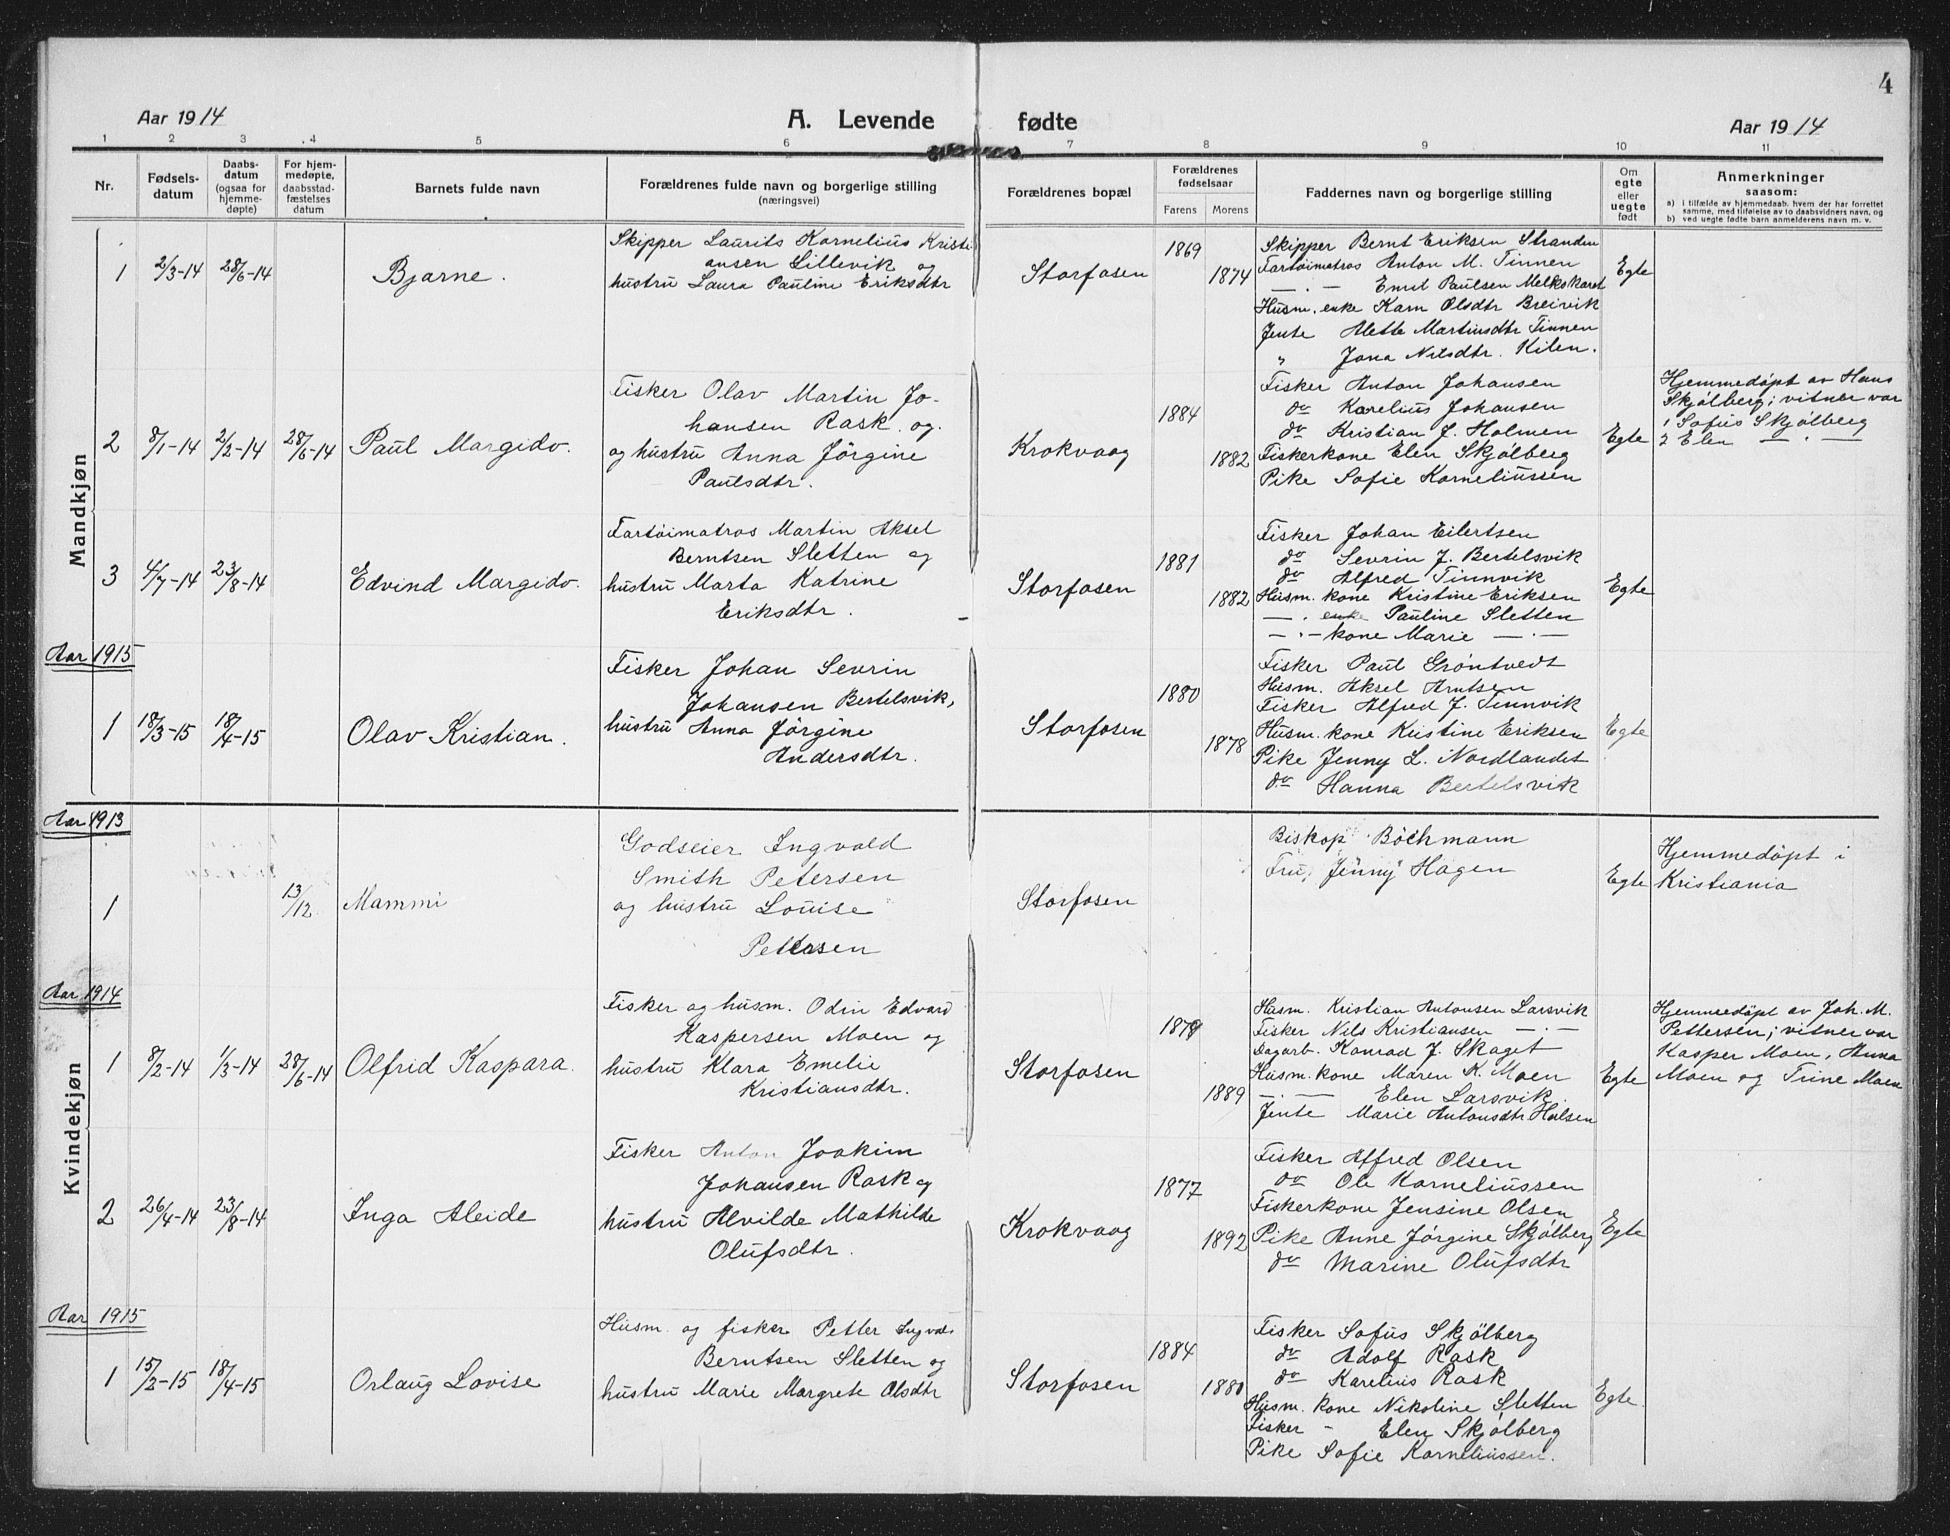 SAT, Ministerialprotokoller, klokkerbøker og fødselsregistre - Sør-Trøndelag, 659/L0750: Klokkerbok nr. 659C07, 1914-1940, s. 4